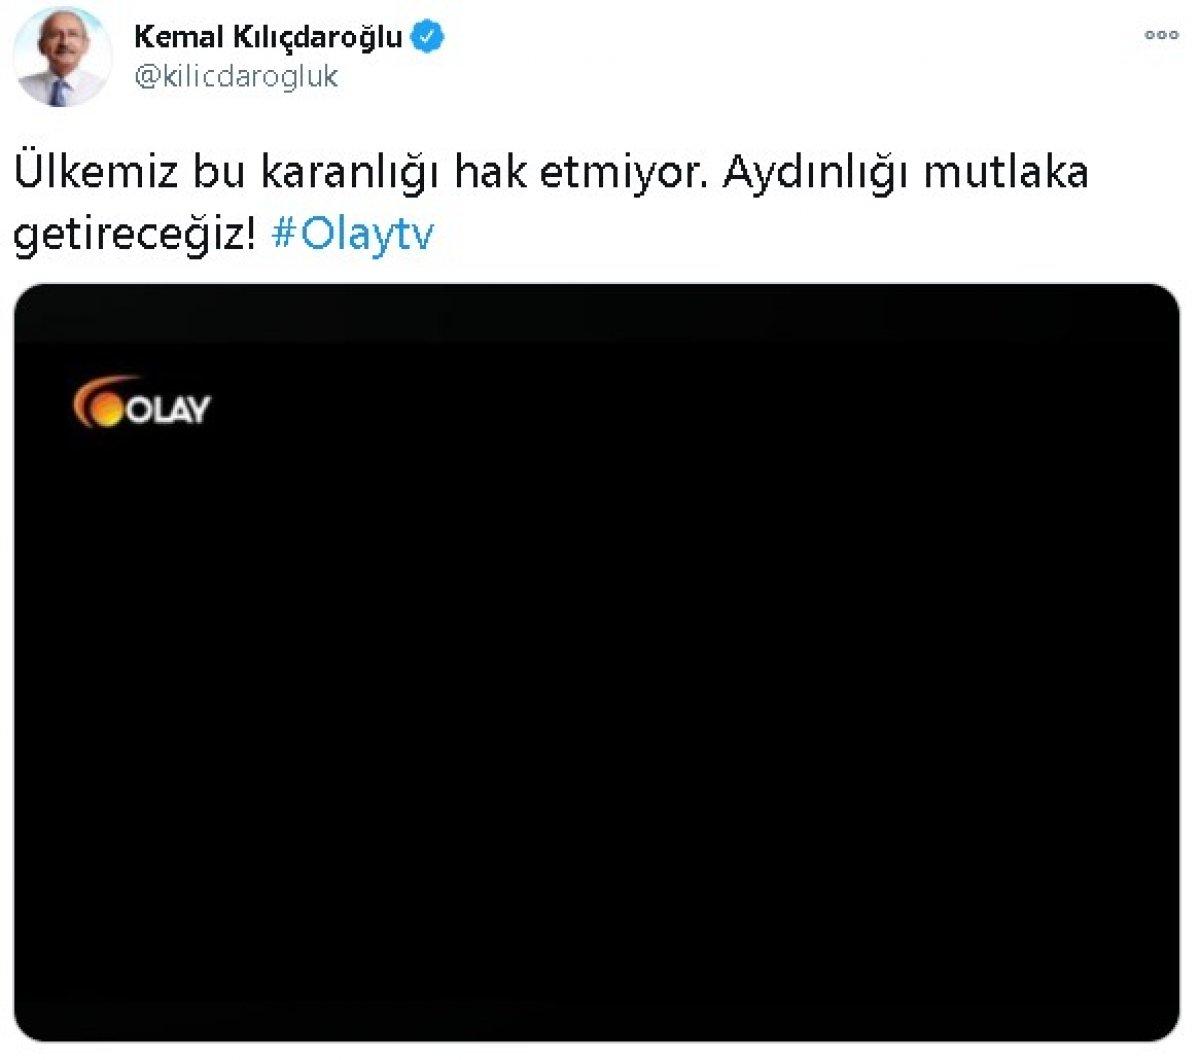 Kılıçdaroğlu ndan Olay TV paylaşımı #1